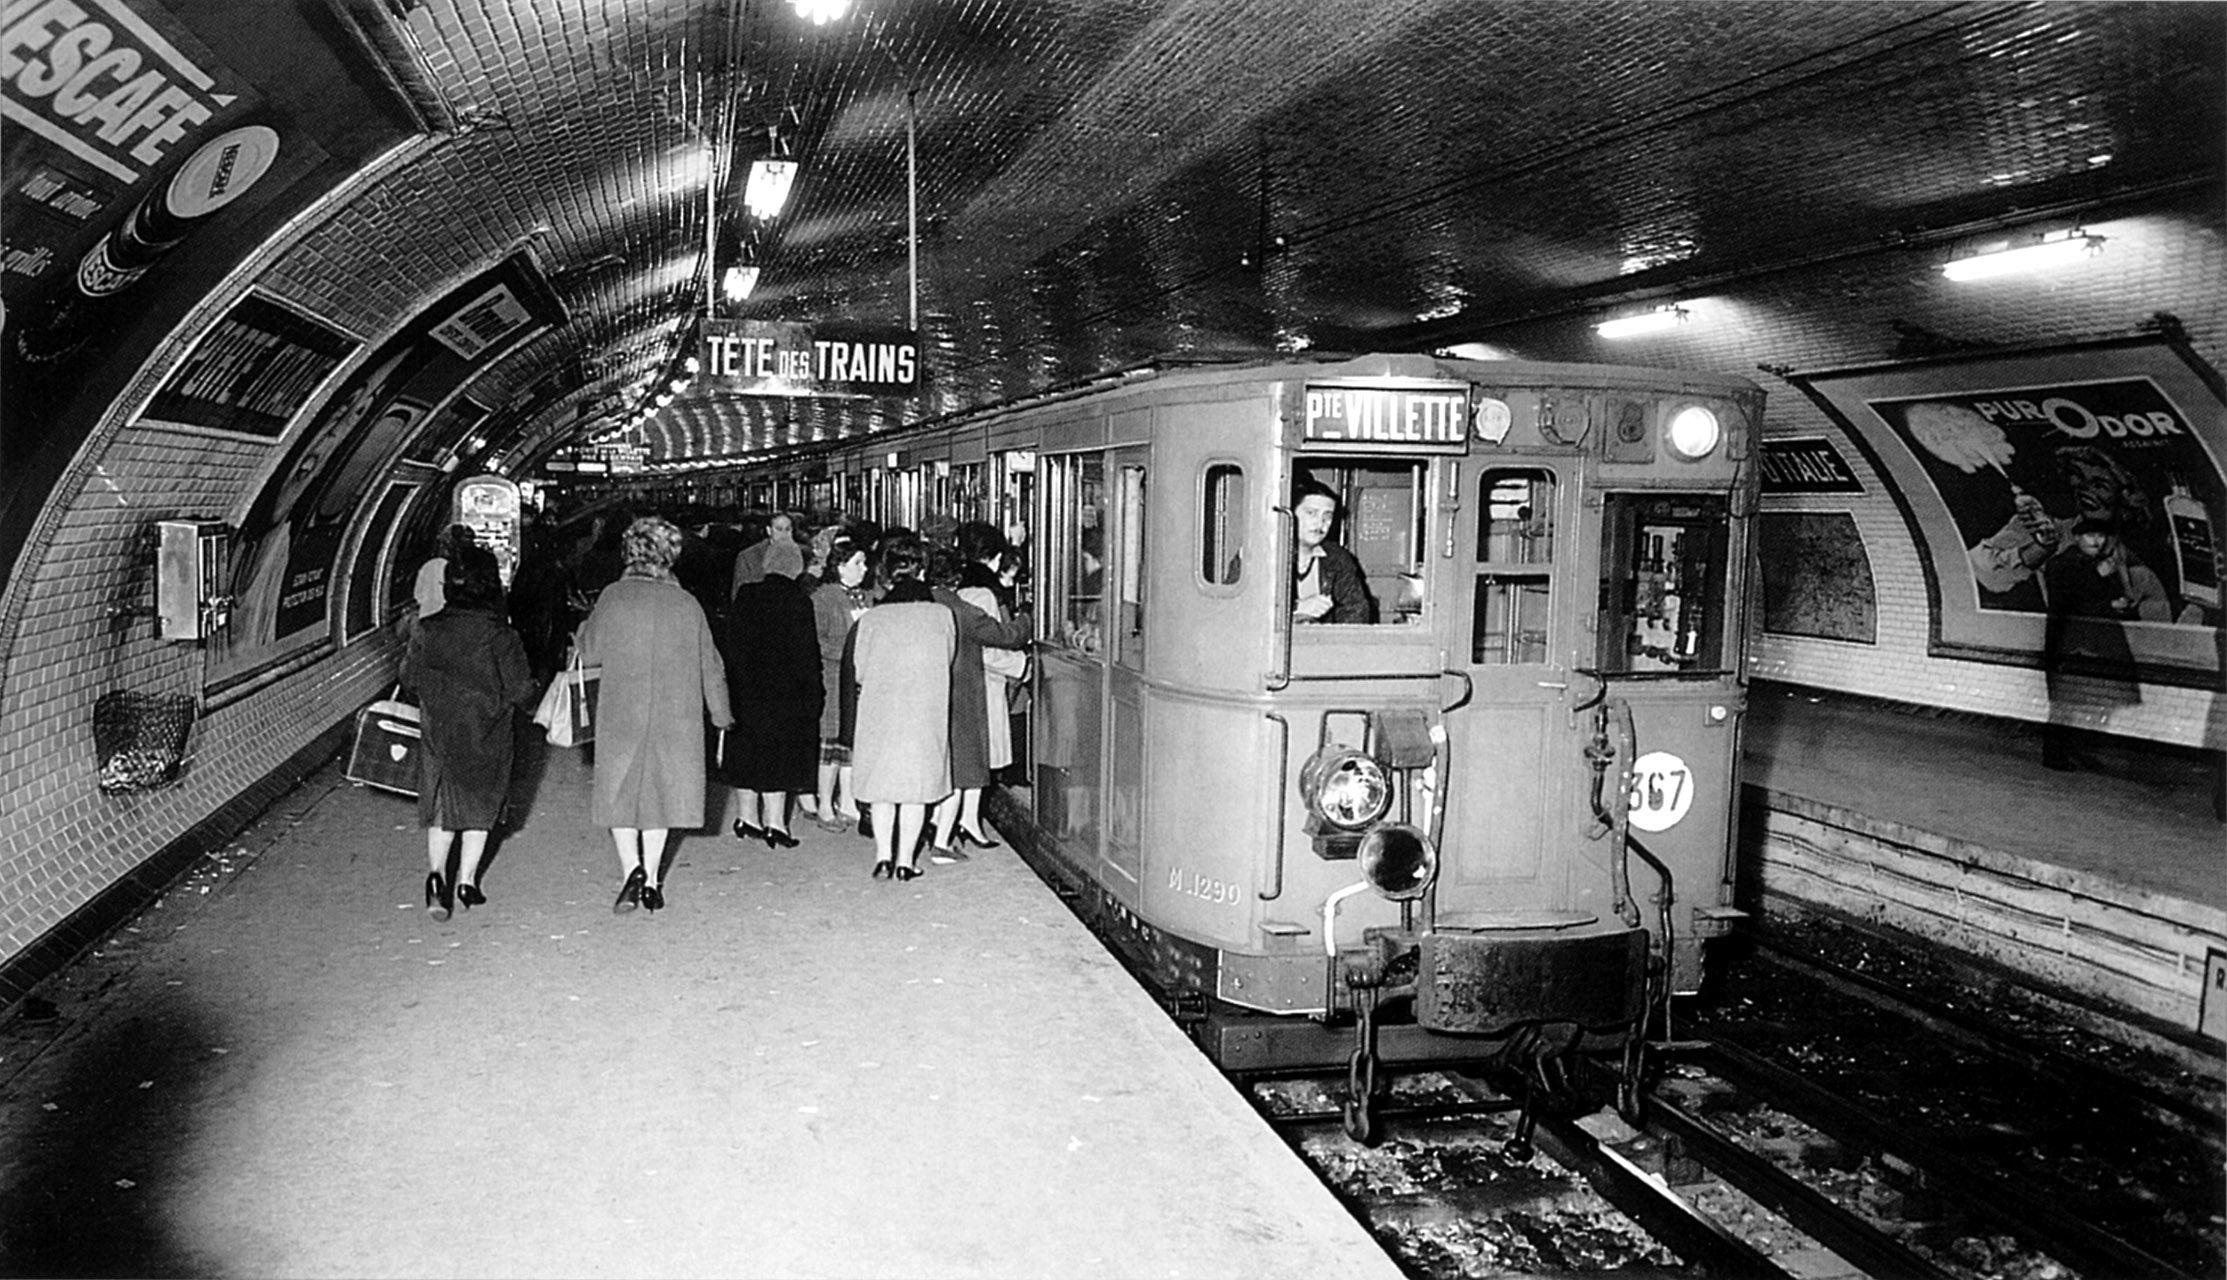 Metro de paris ligne 7 porte d italie 1930 a world ago for Arrondissement porte d italie